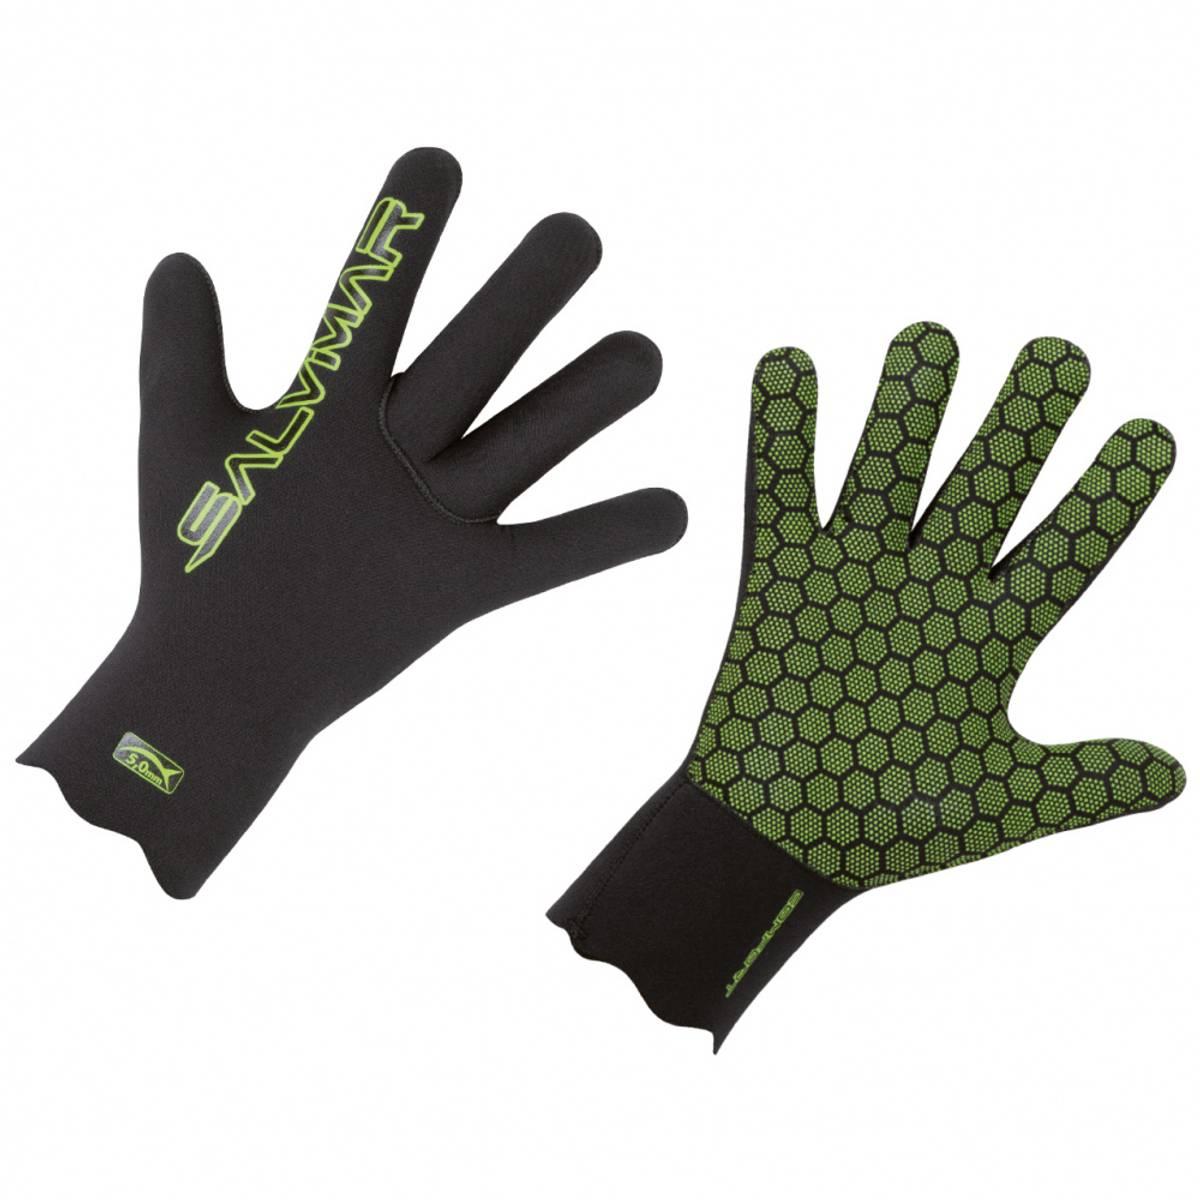 Salvimar Comfort hansker, 3mm